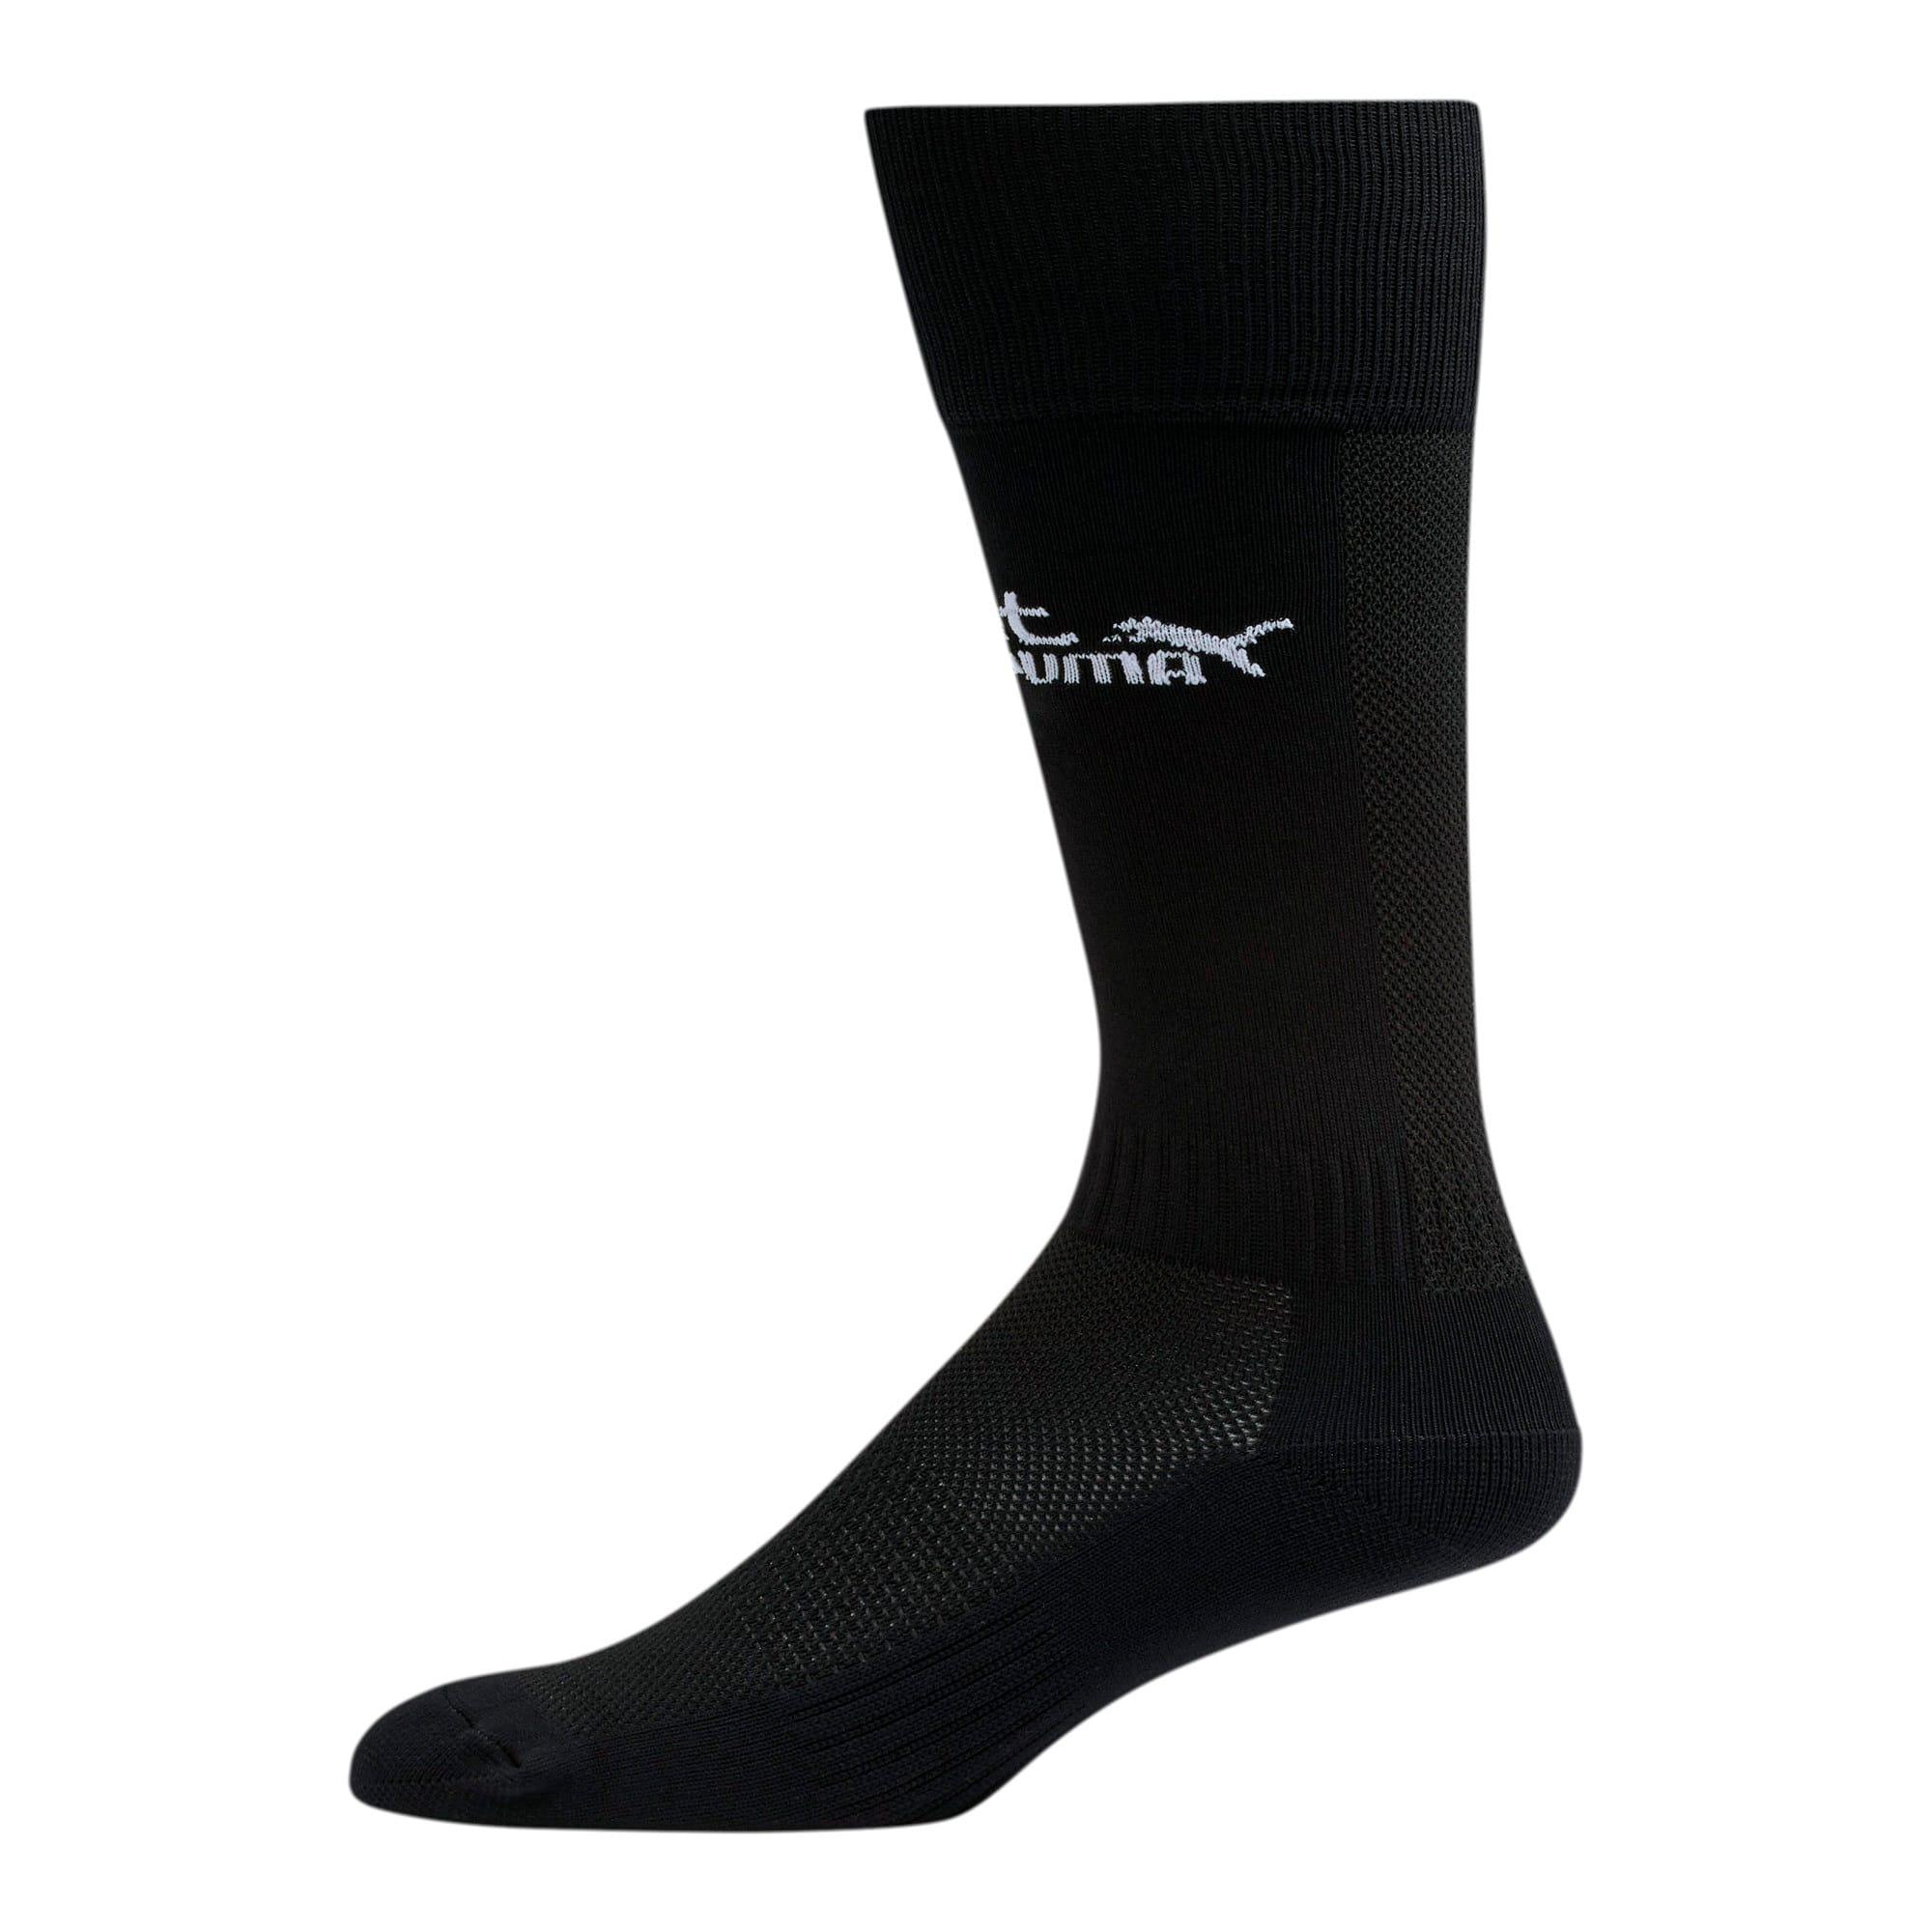 Thumbnail 1 of ProCat Unisex Team Socks [1 Pair], BLACK, medium